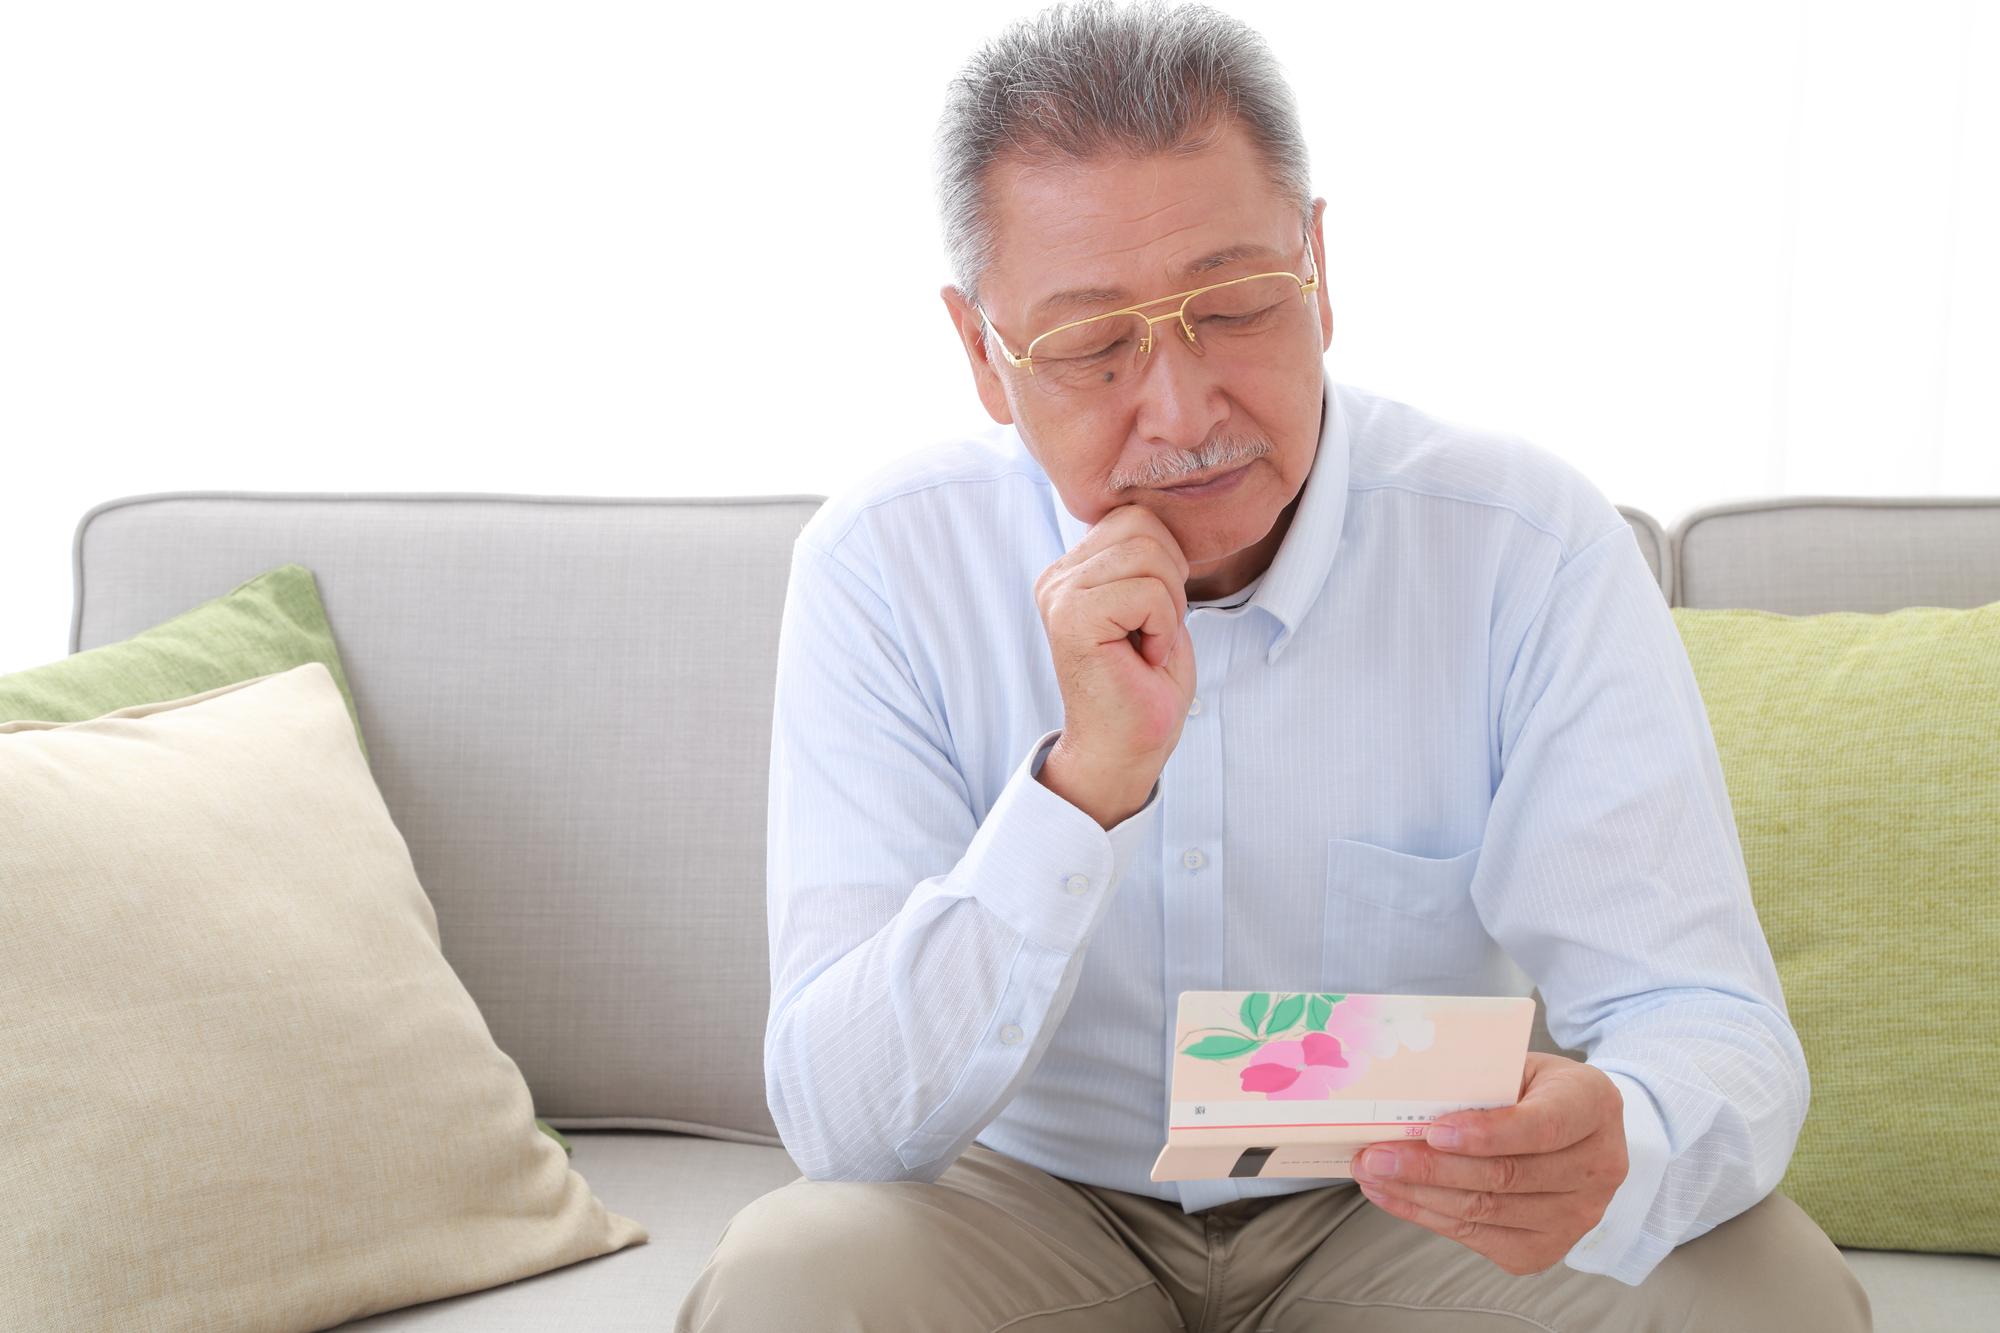 金利が最大20倍!超おトクな退職金向け預金を知ってますか?のサムネイル画像